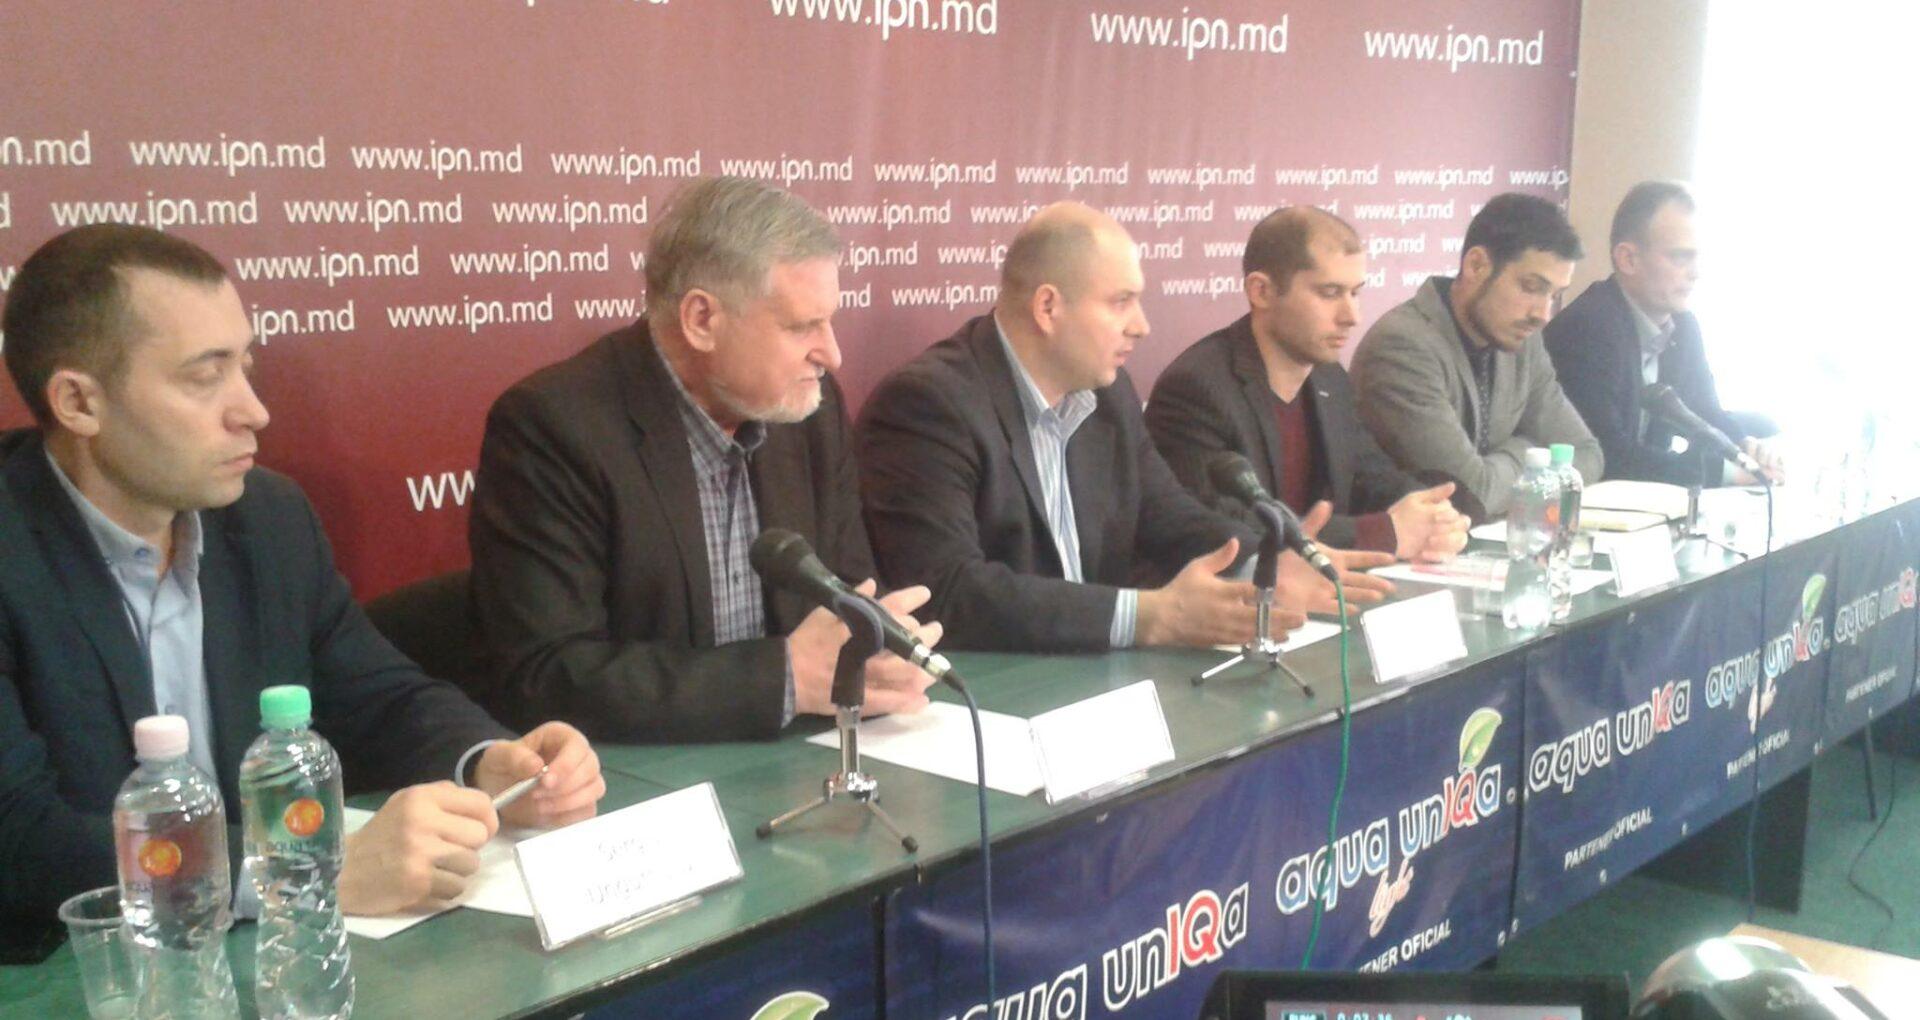 (VIDEO) Opinie experți: Concursul privind selectarea directorului ANRE s-a făcut fără o bază legală